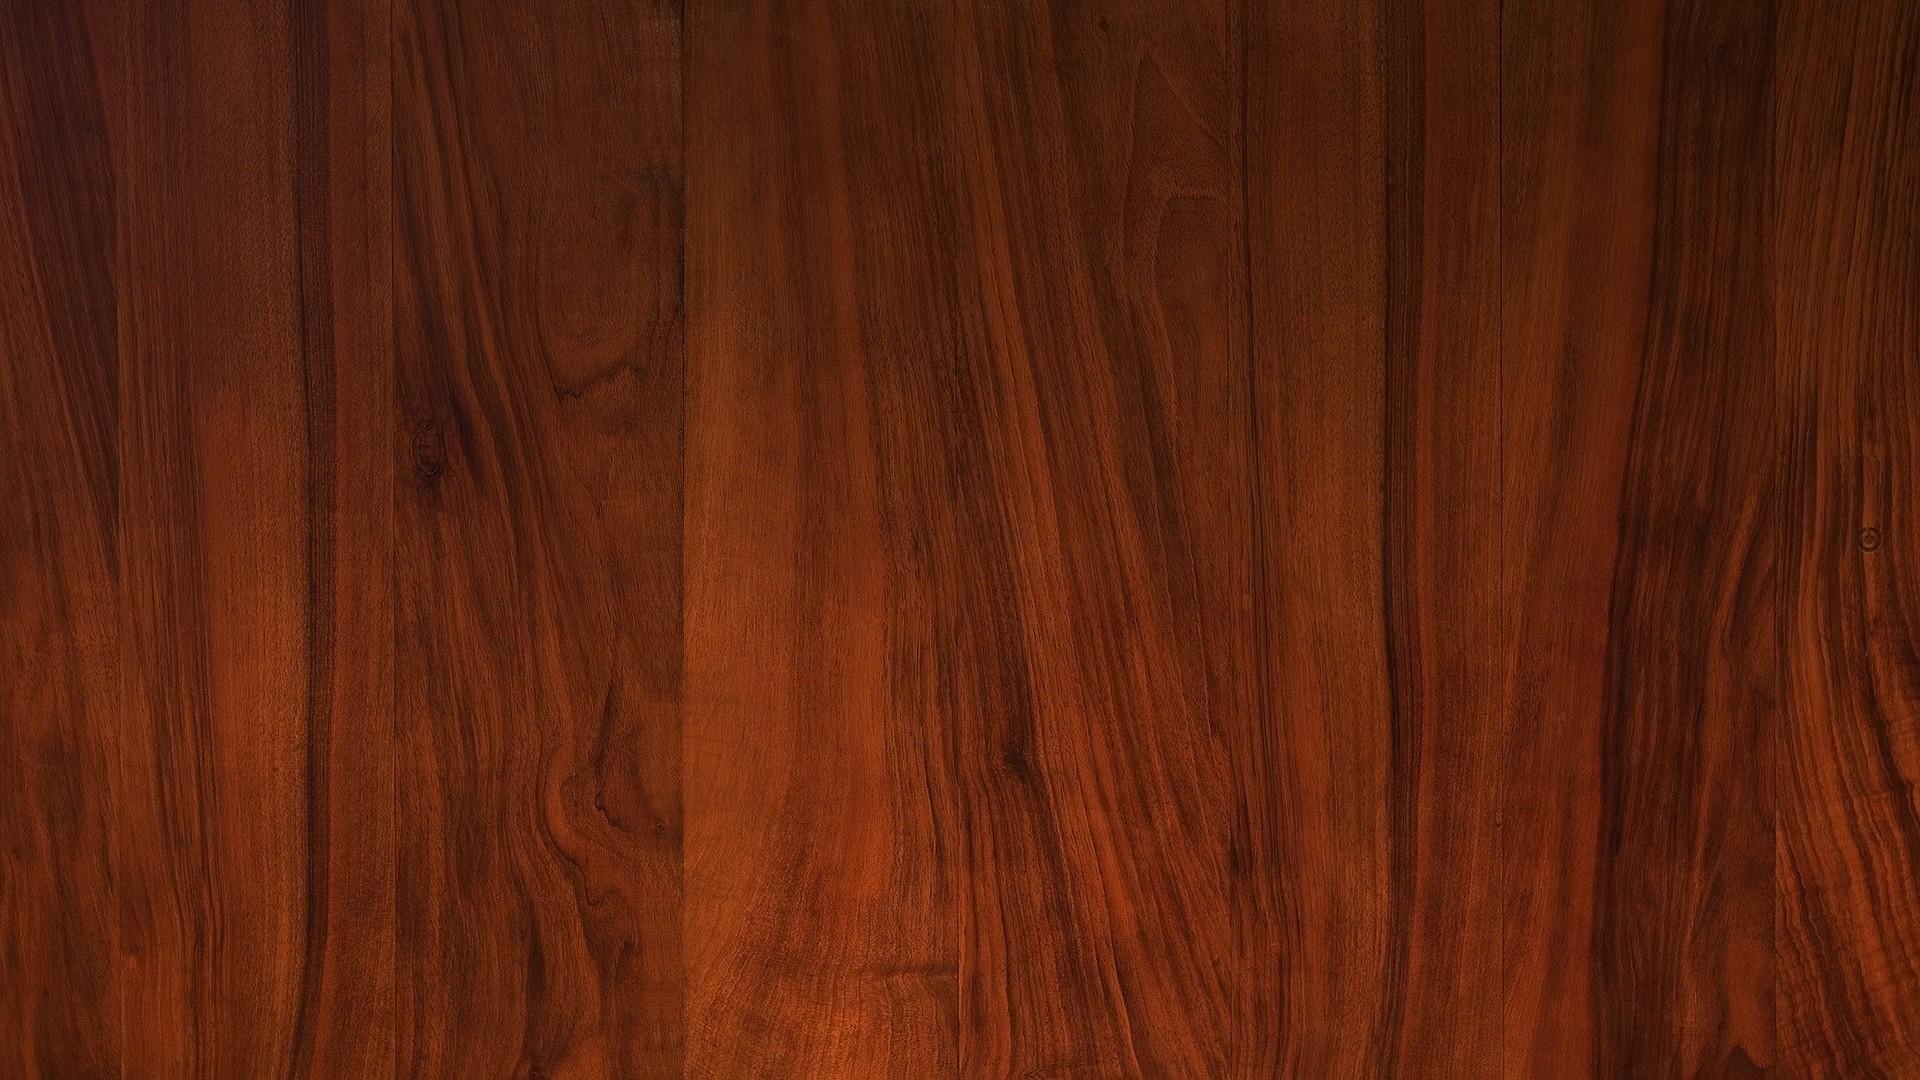 Holz Textur Stock Hartholz Bodenbelag Holzboden Holzbeize Laminatboden